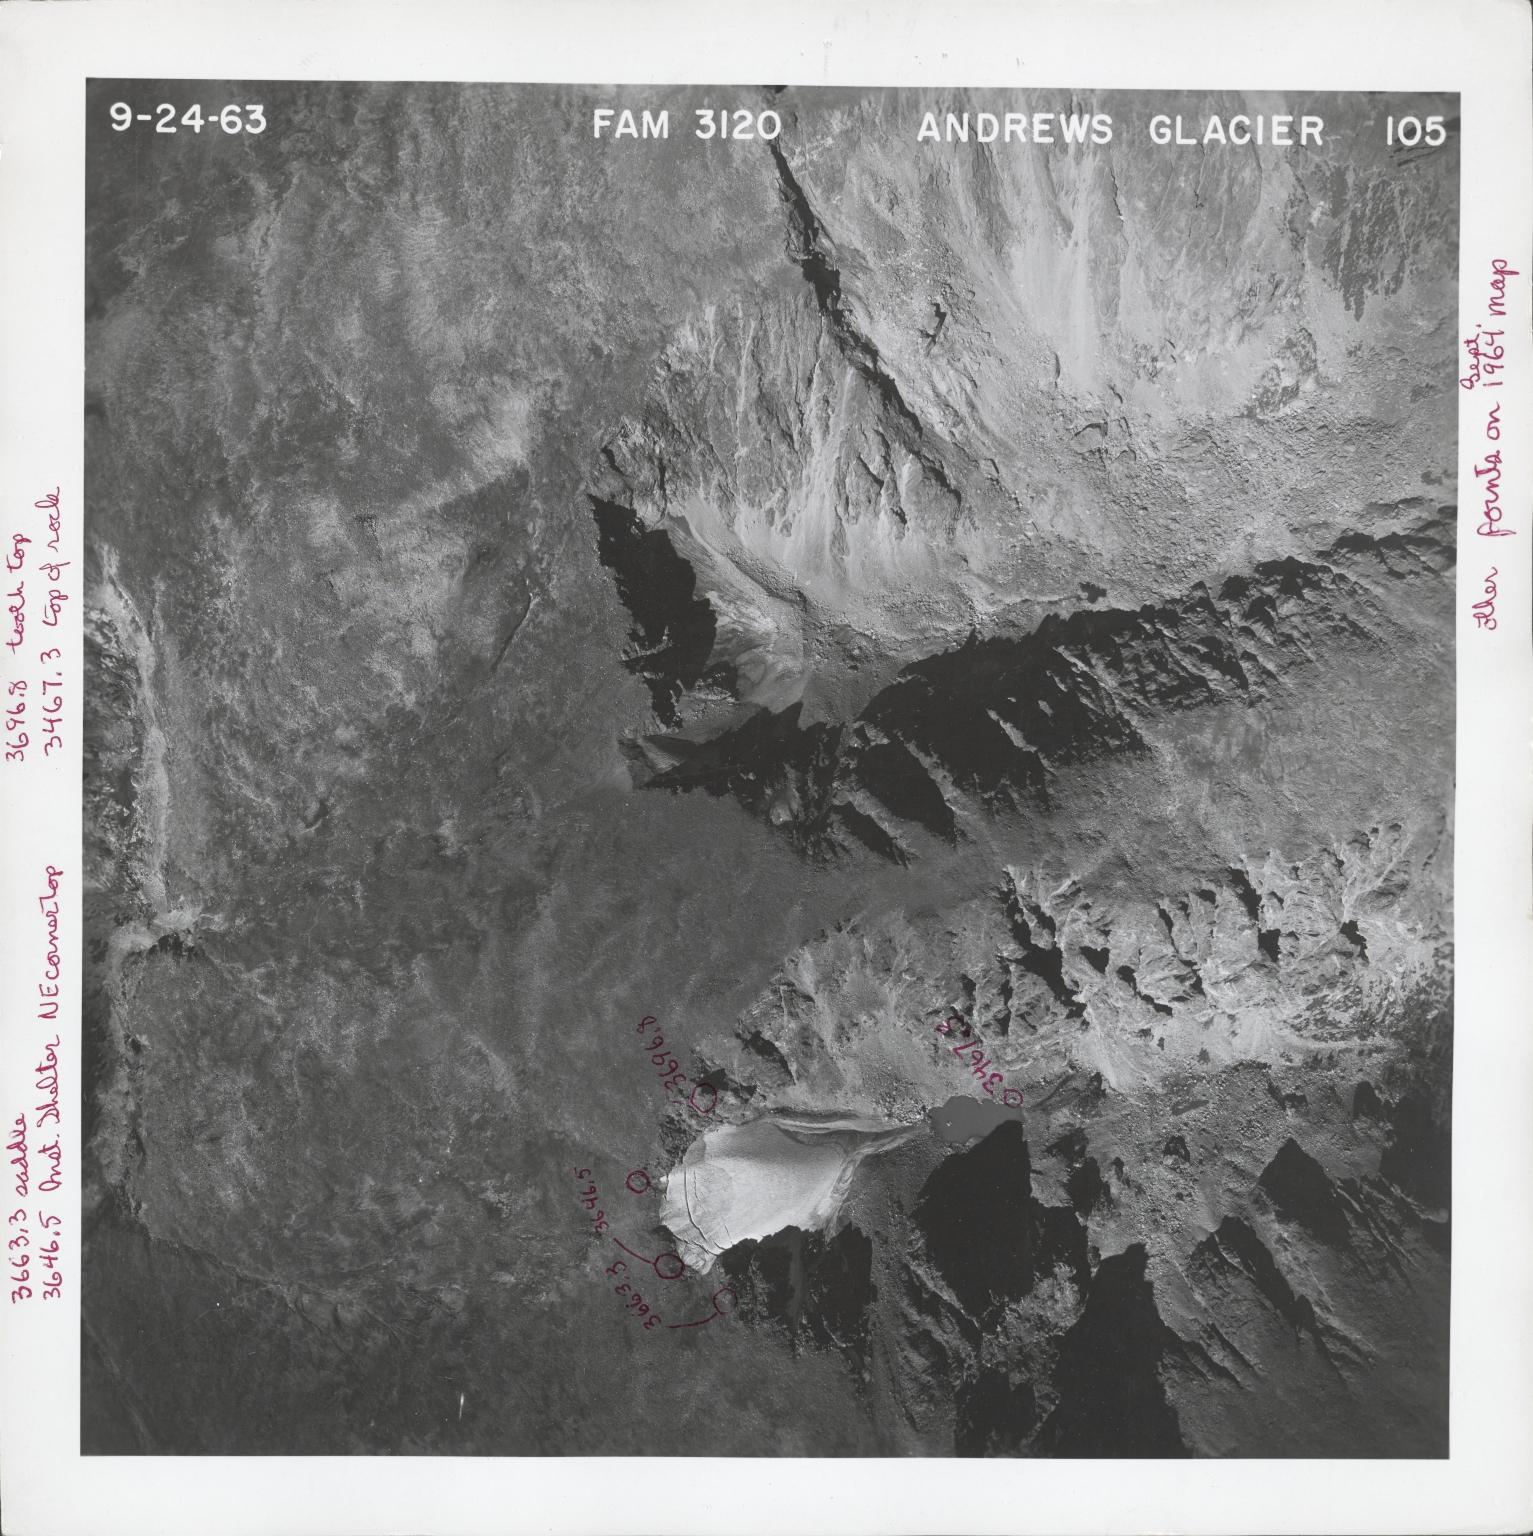 Andrews Glacier, aerial photograph FAM 3120 105, Colorado